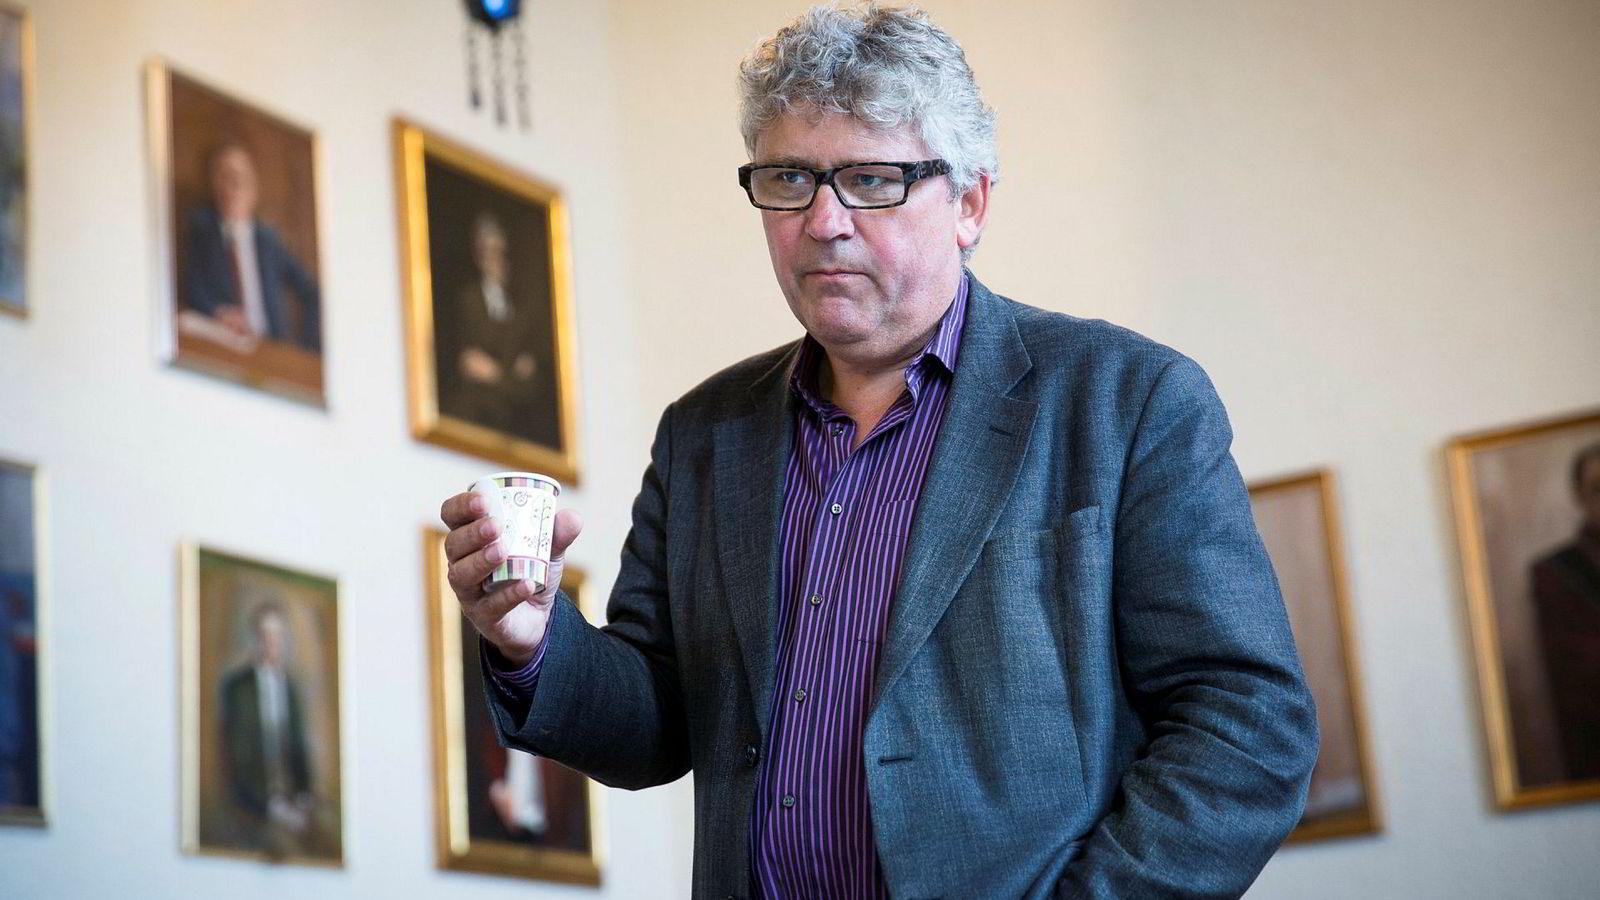 Avbildet er toppsjef i oljeselskapet Okea, Erik Haugane. Han har ståltro på økt oljepris i årene fremover.